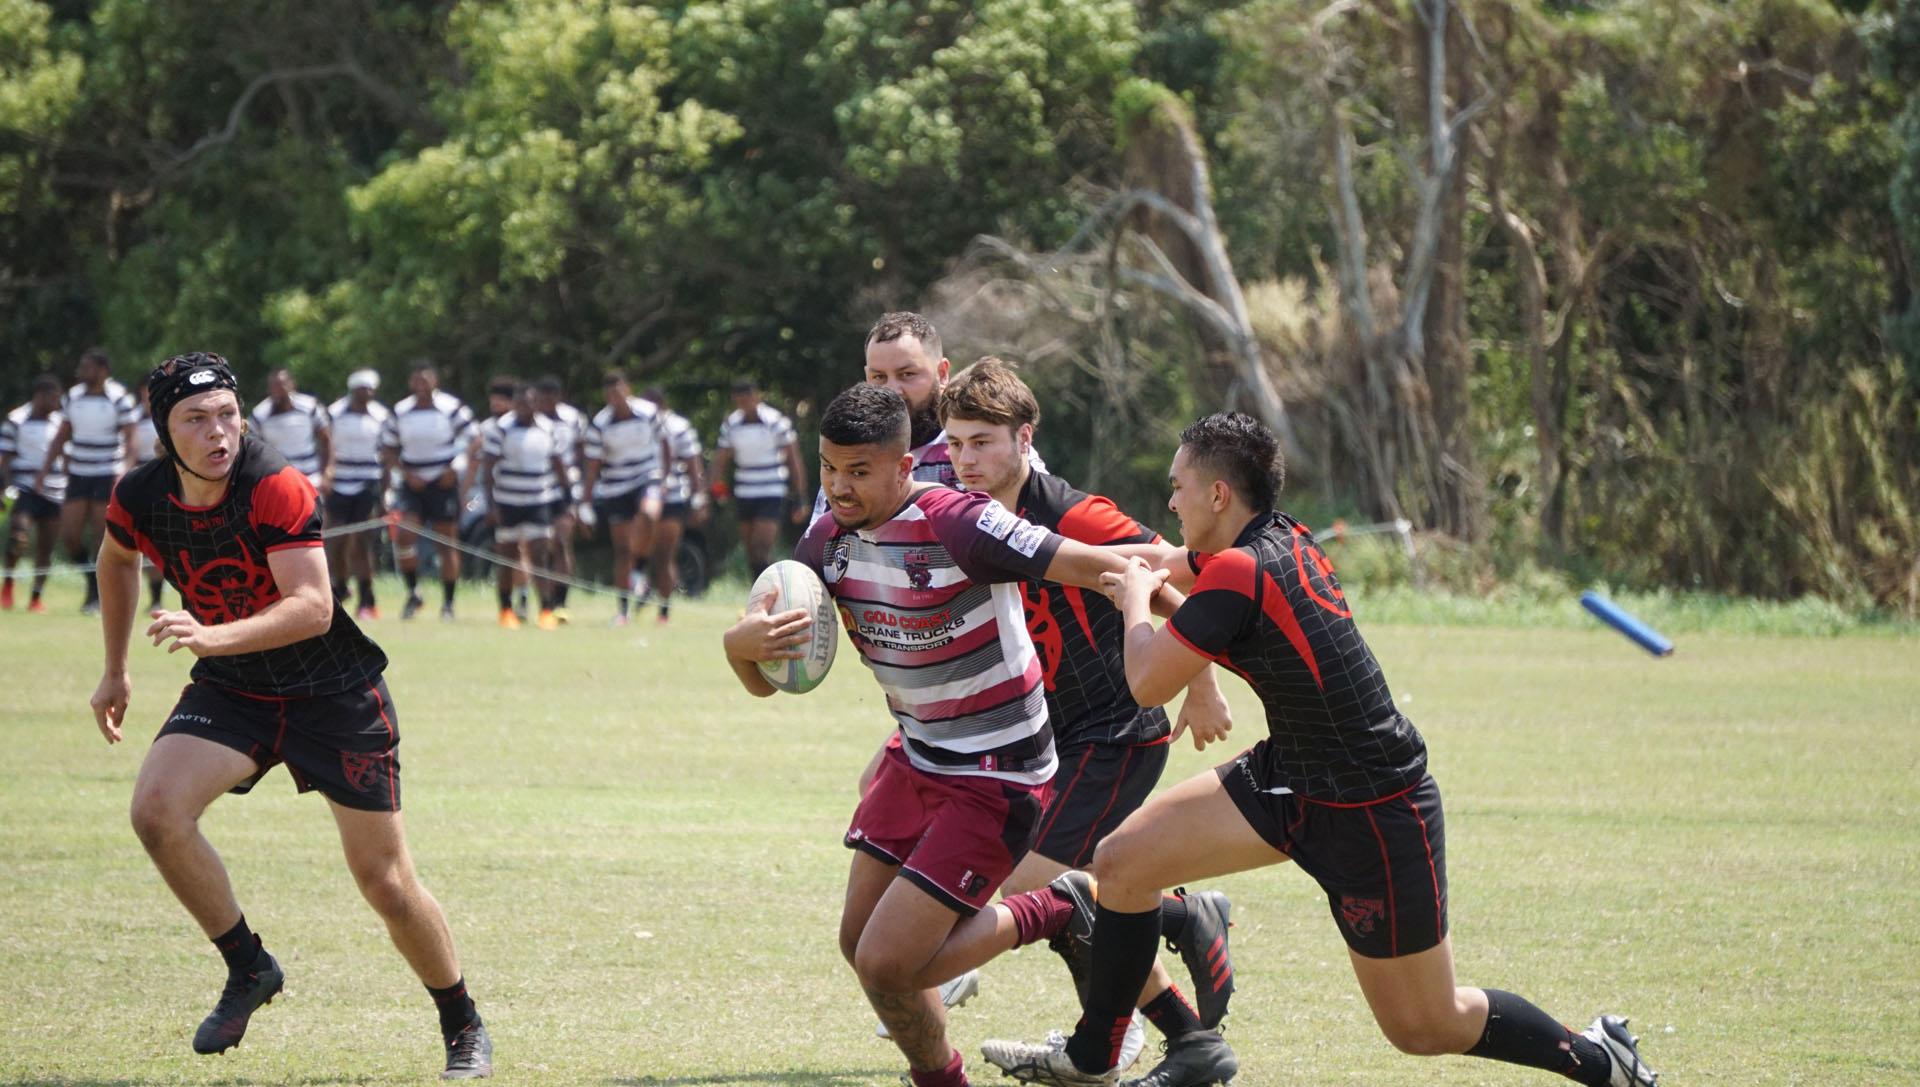 191019-20_Byron Bay Rugby 7s 2019_155